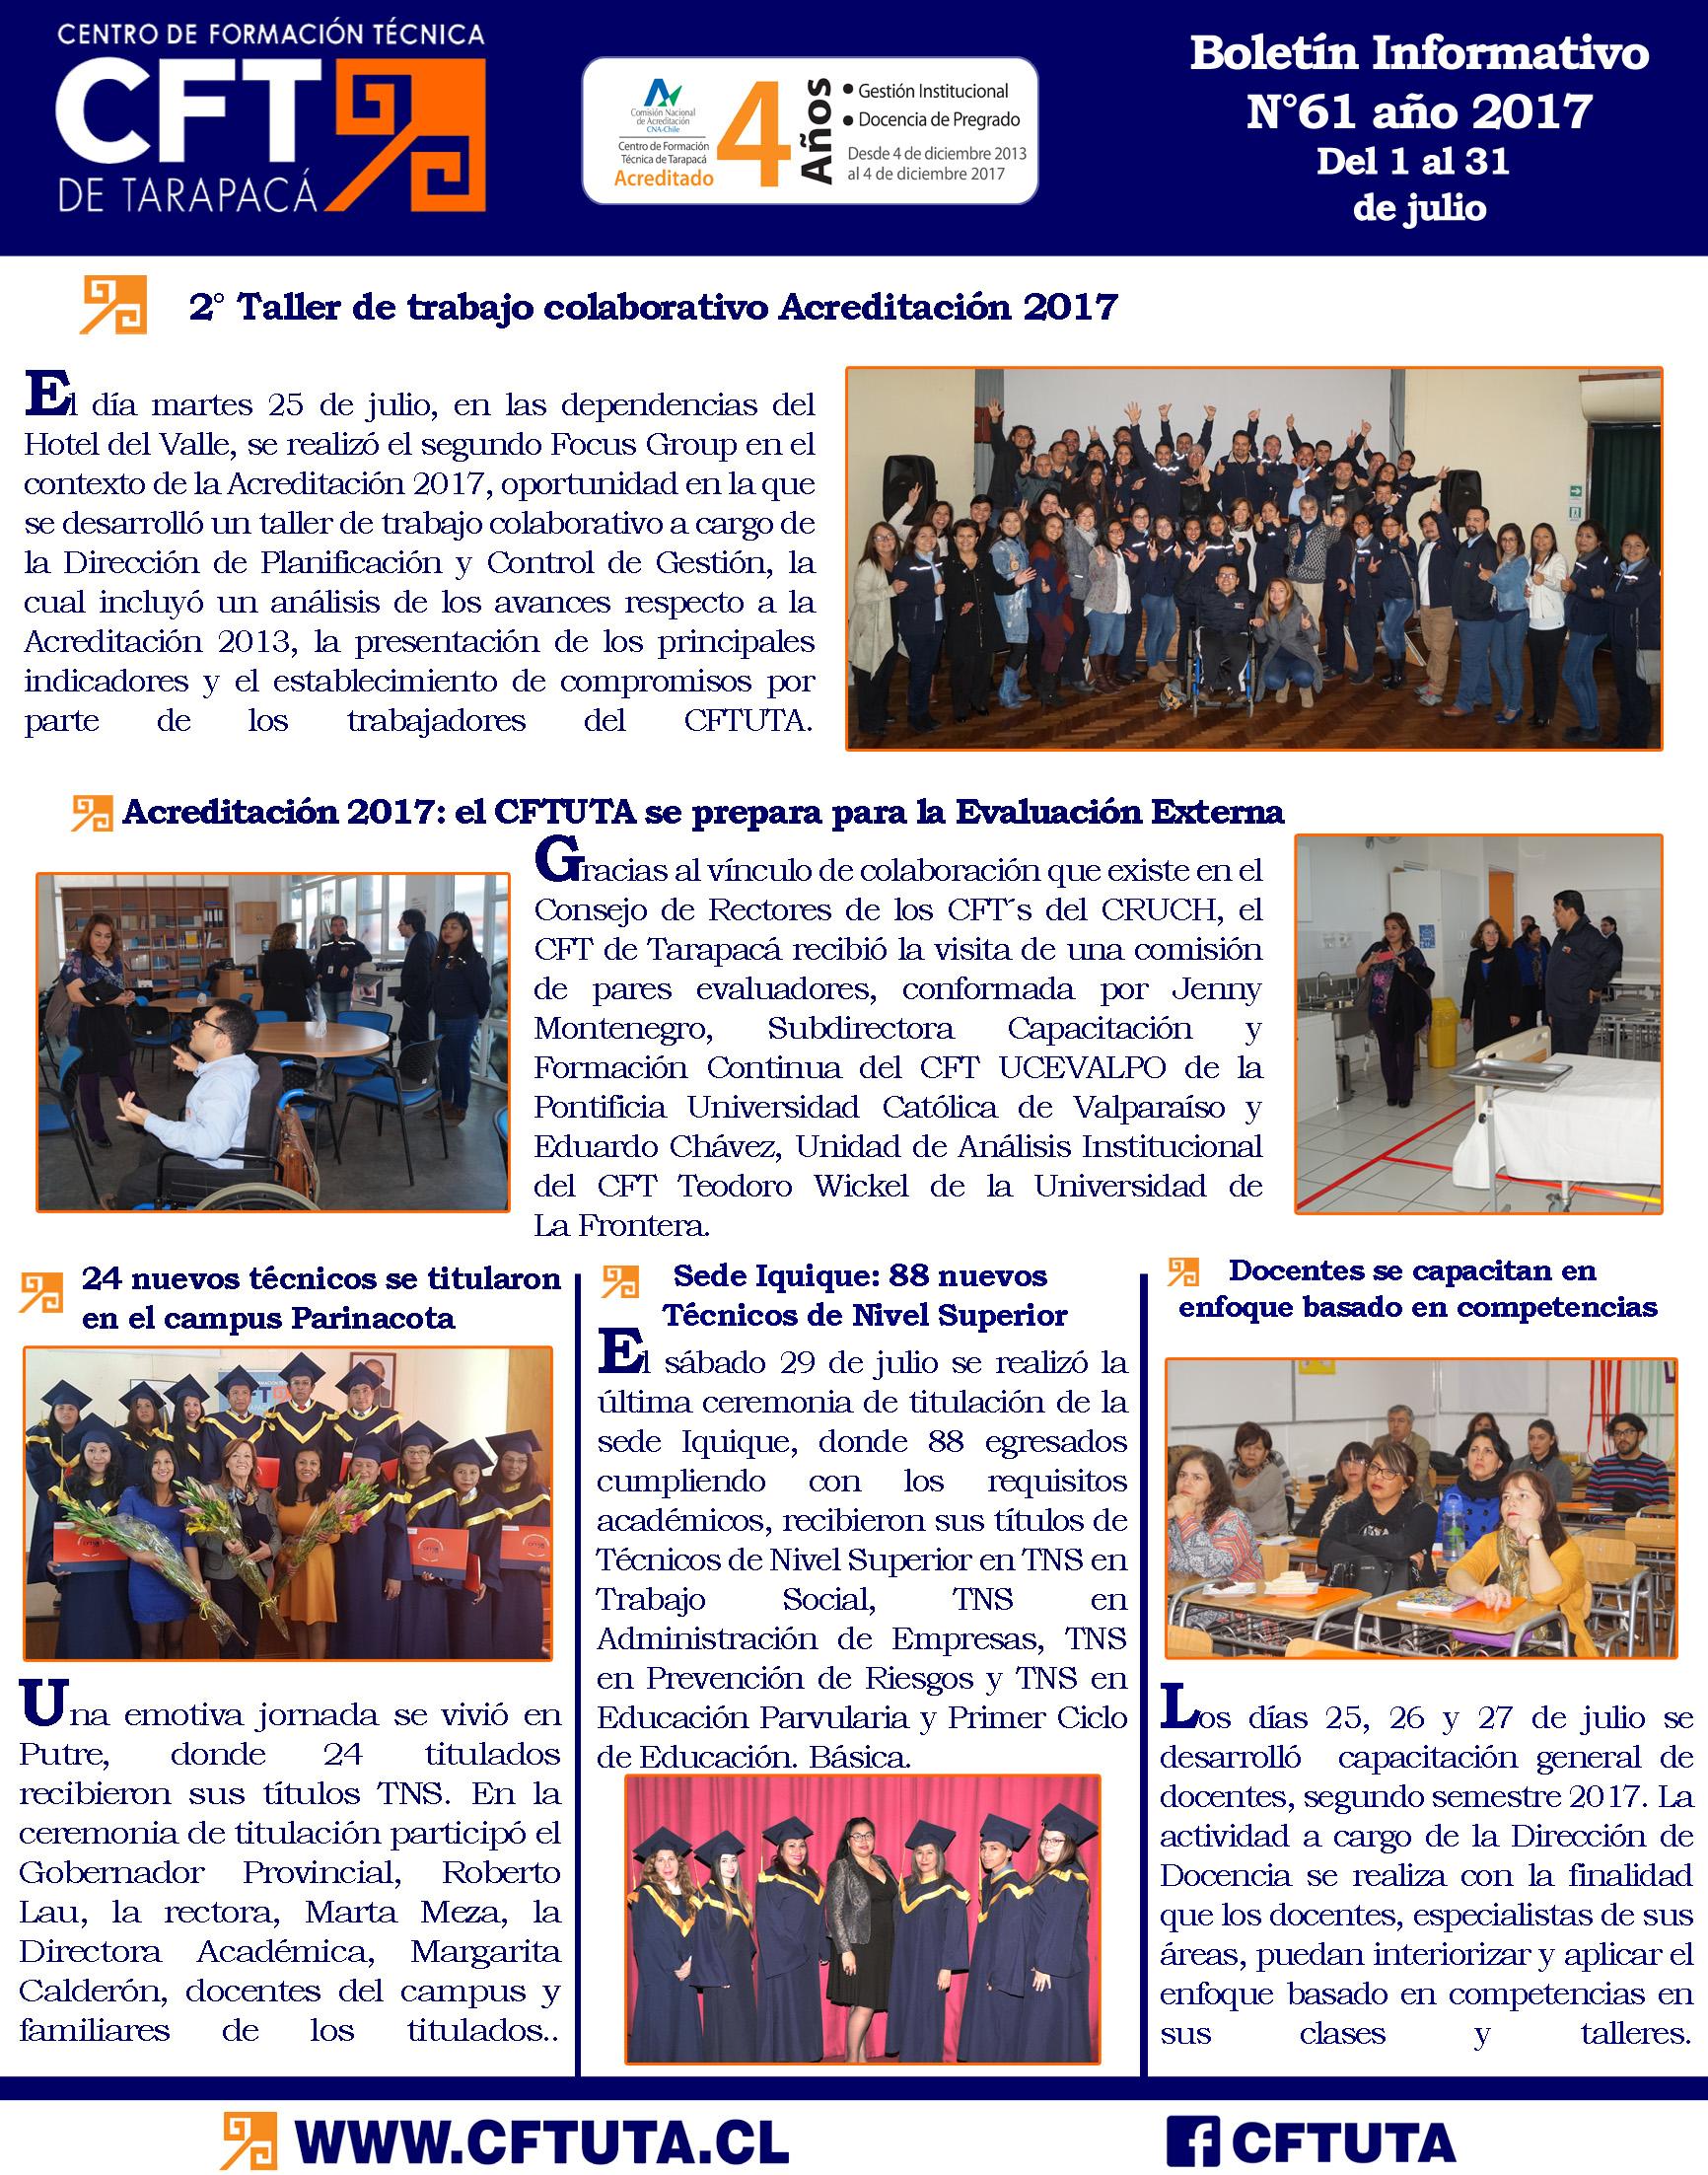 Boletín N°61 CFT de Tarapacá